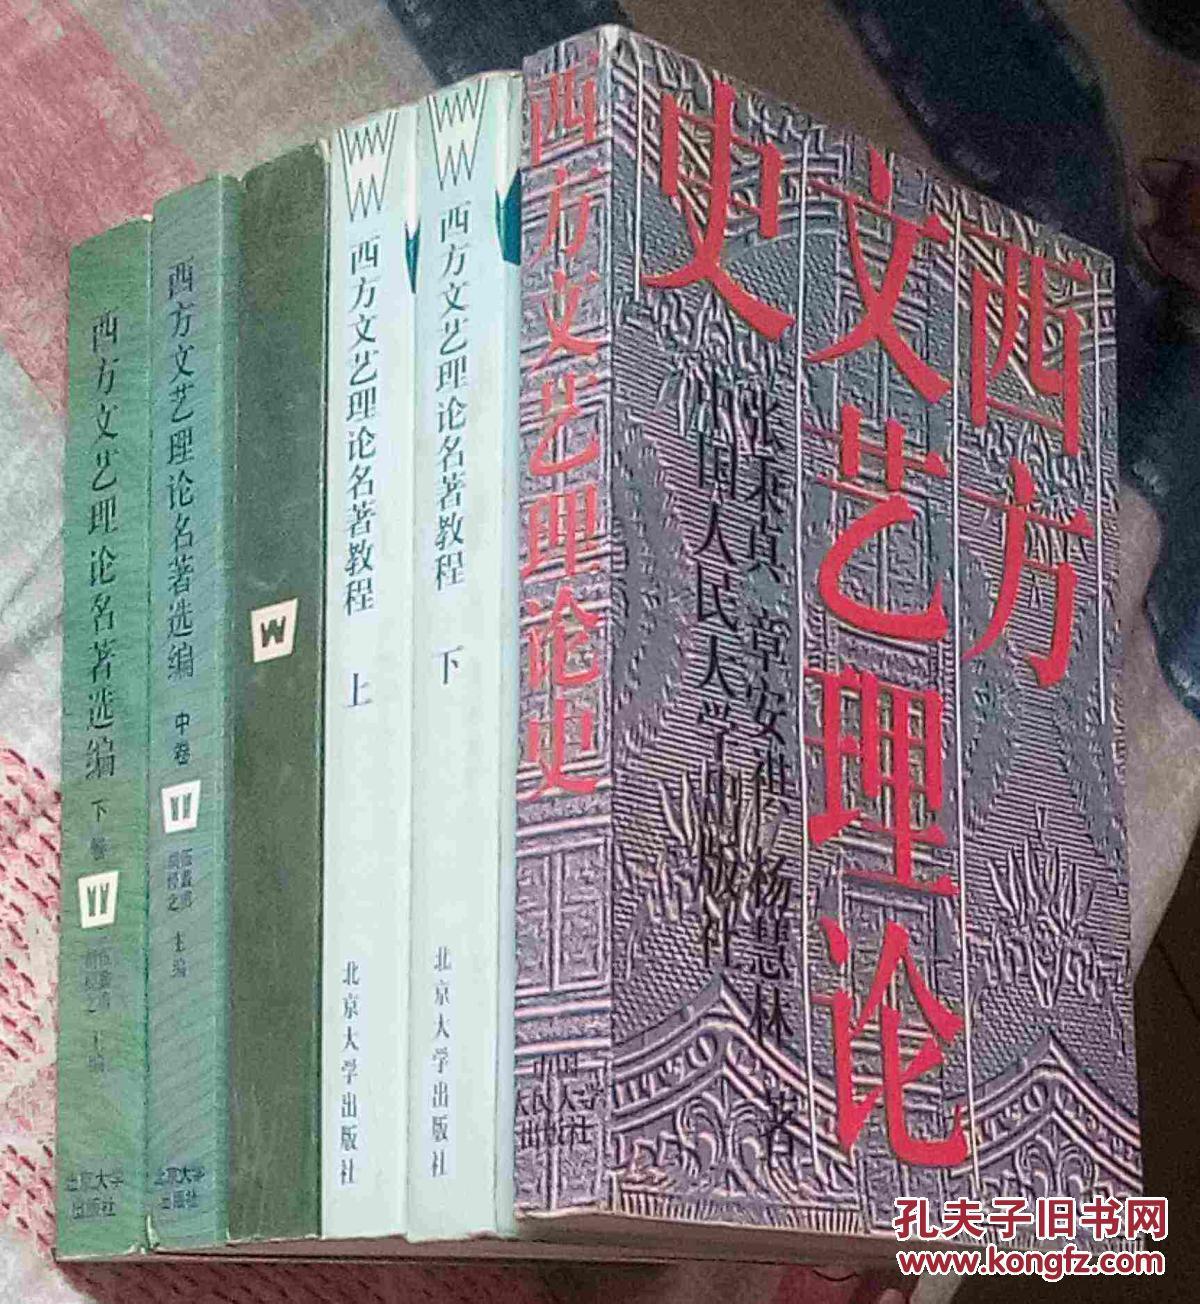 西方文艺理论史、西方文艺理论名著教程(上下)、西方文艺理论名著选编(上中下)等3种6本合售